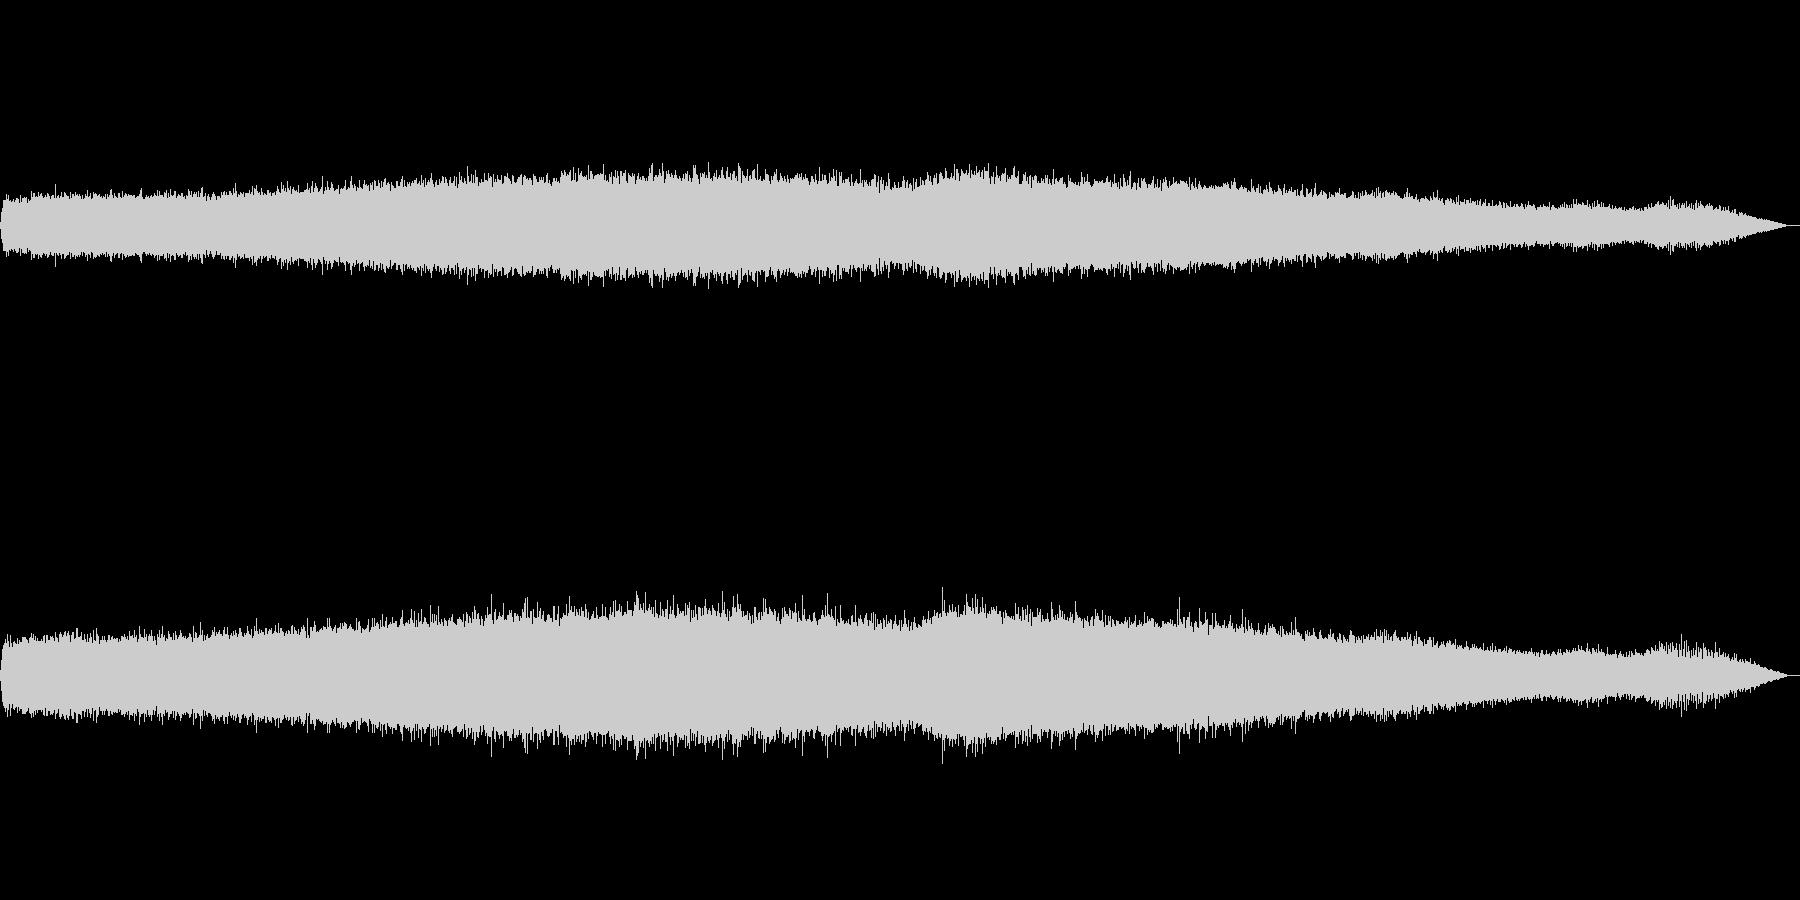 夏の夕方(ひぐらし、アブラゼミ)の未再生の波形